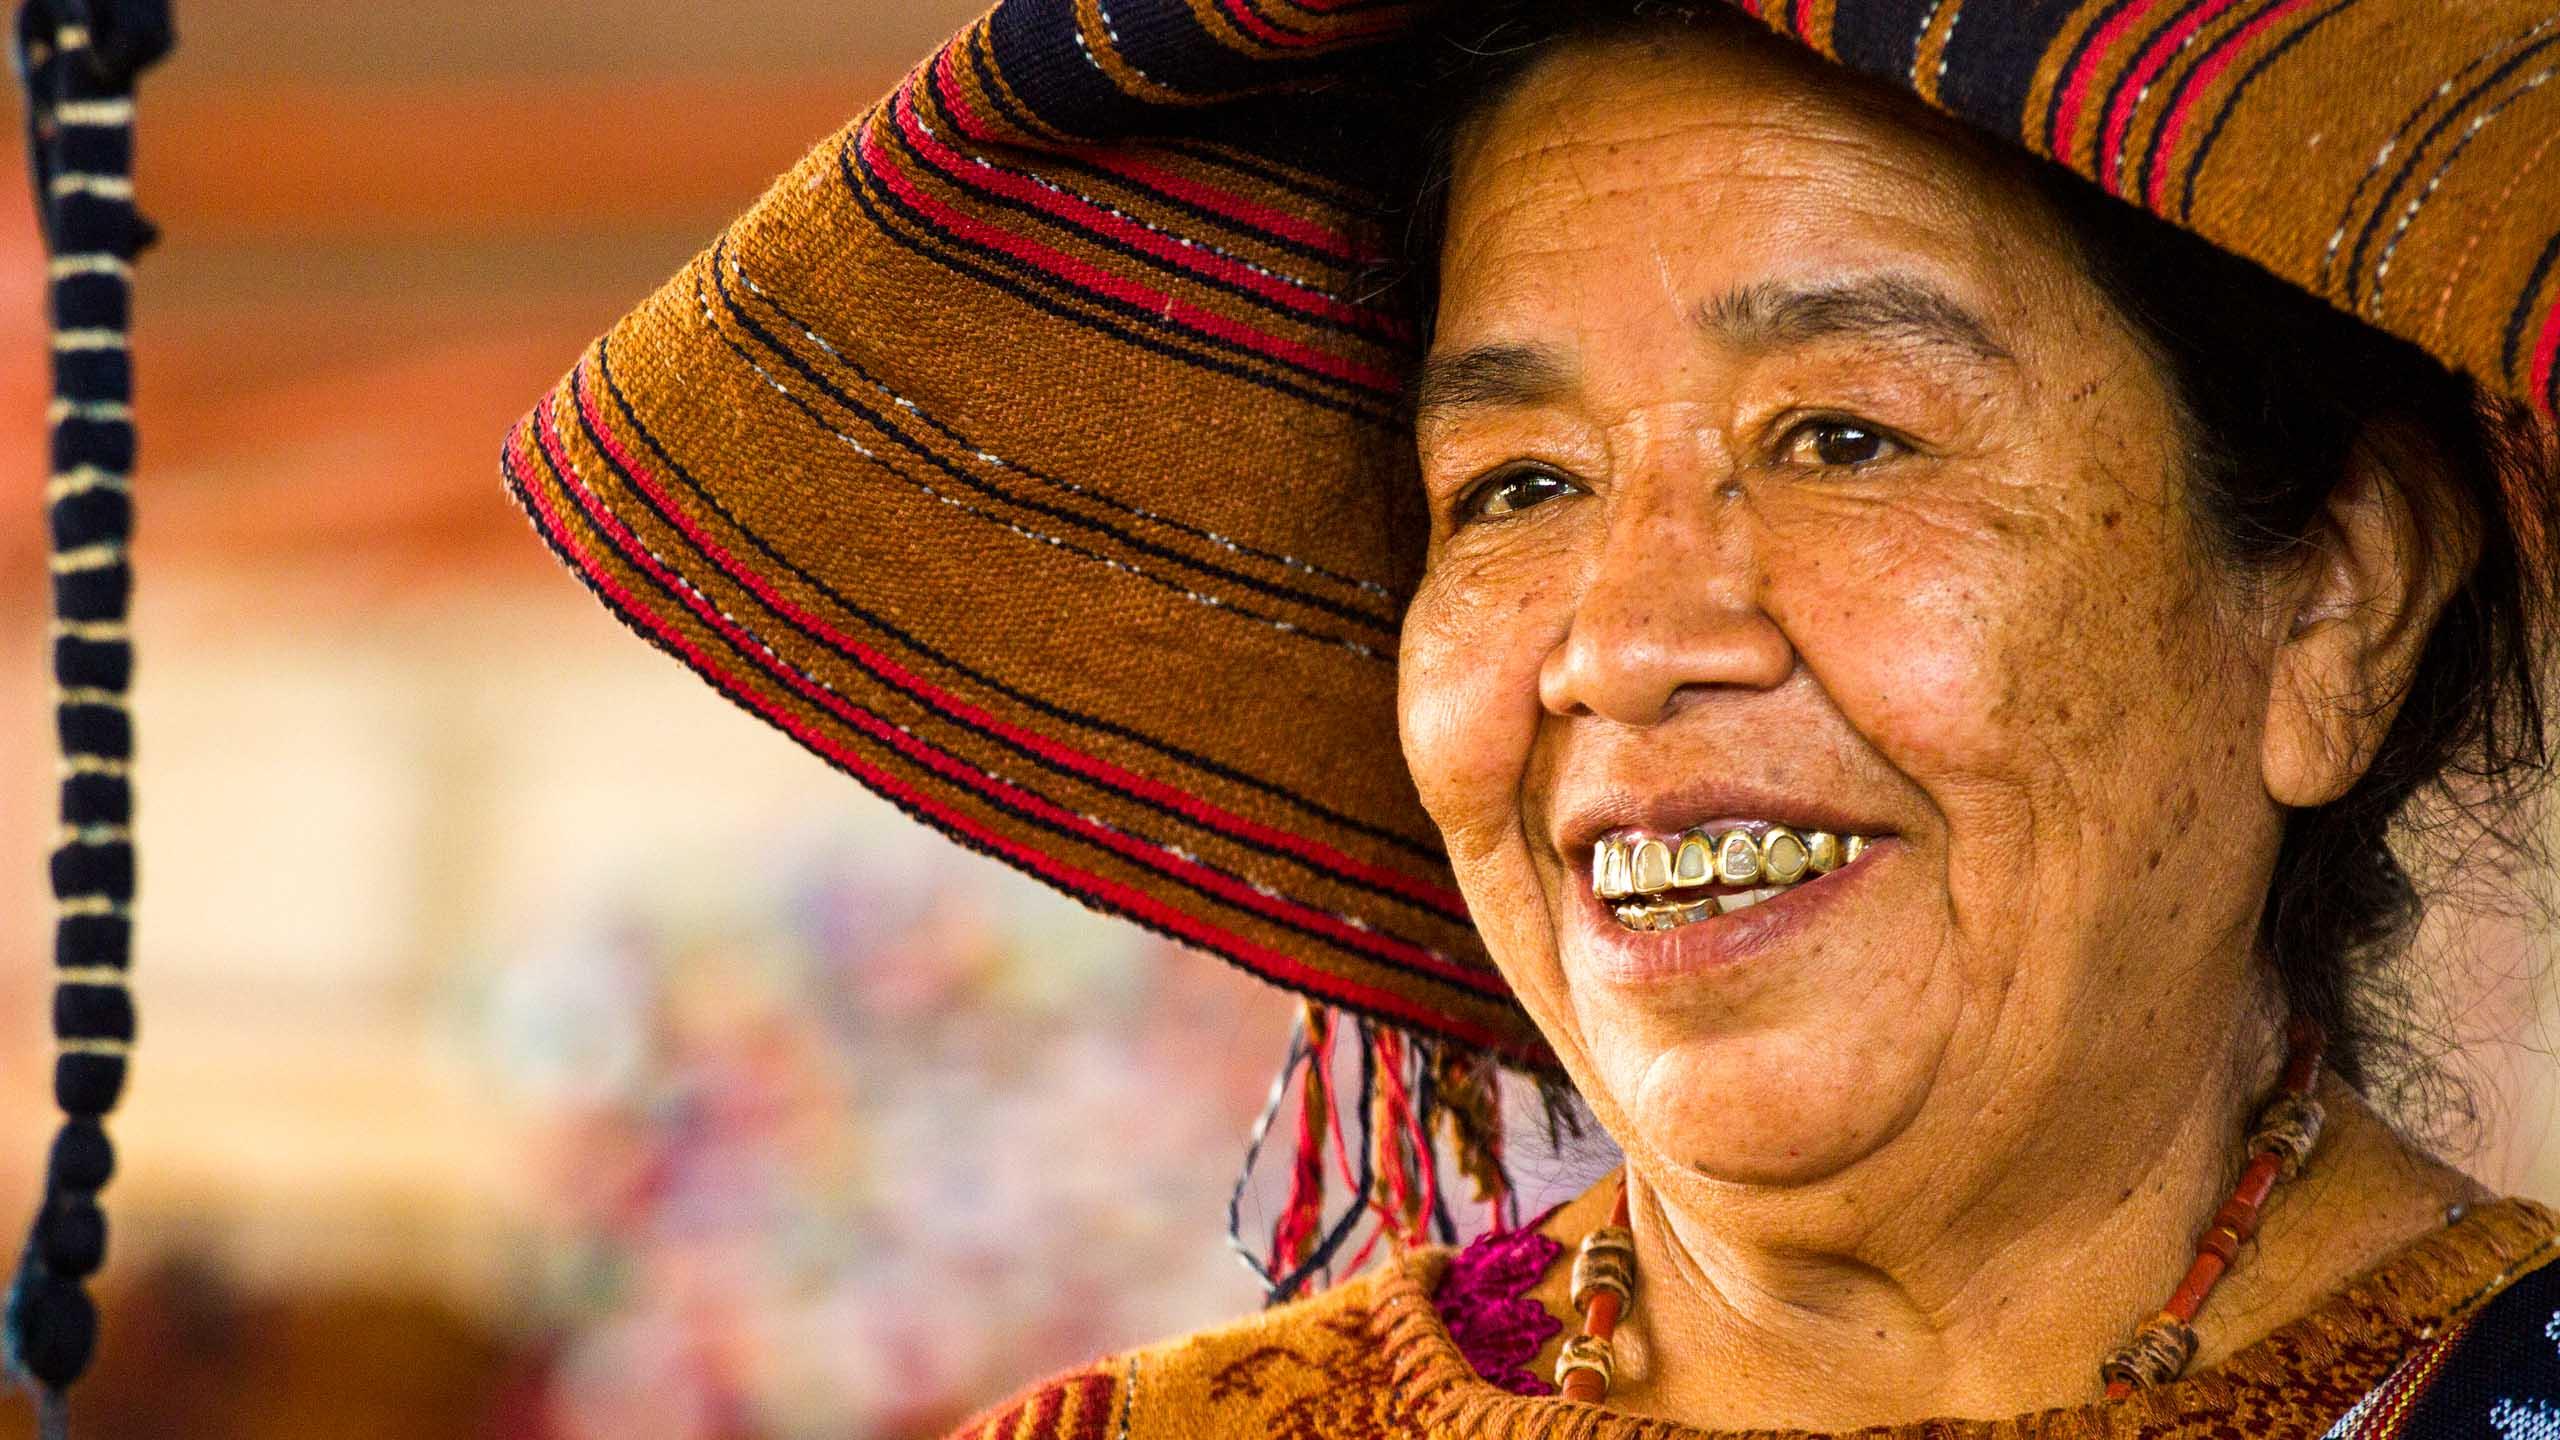 Smiling Guatemalan woman